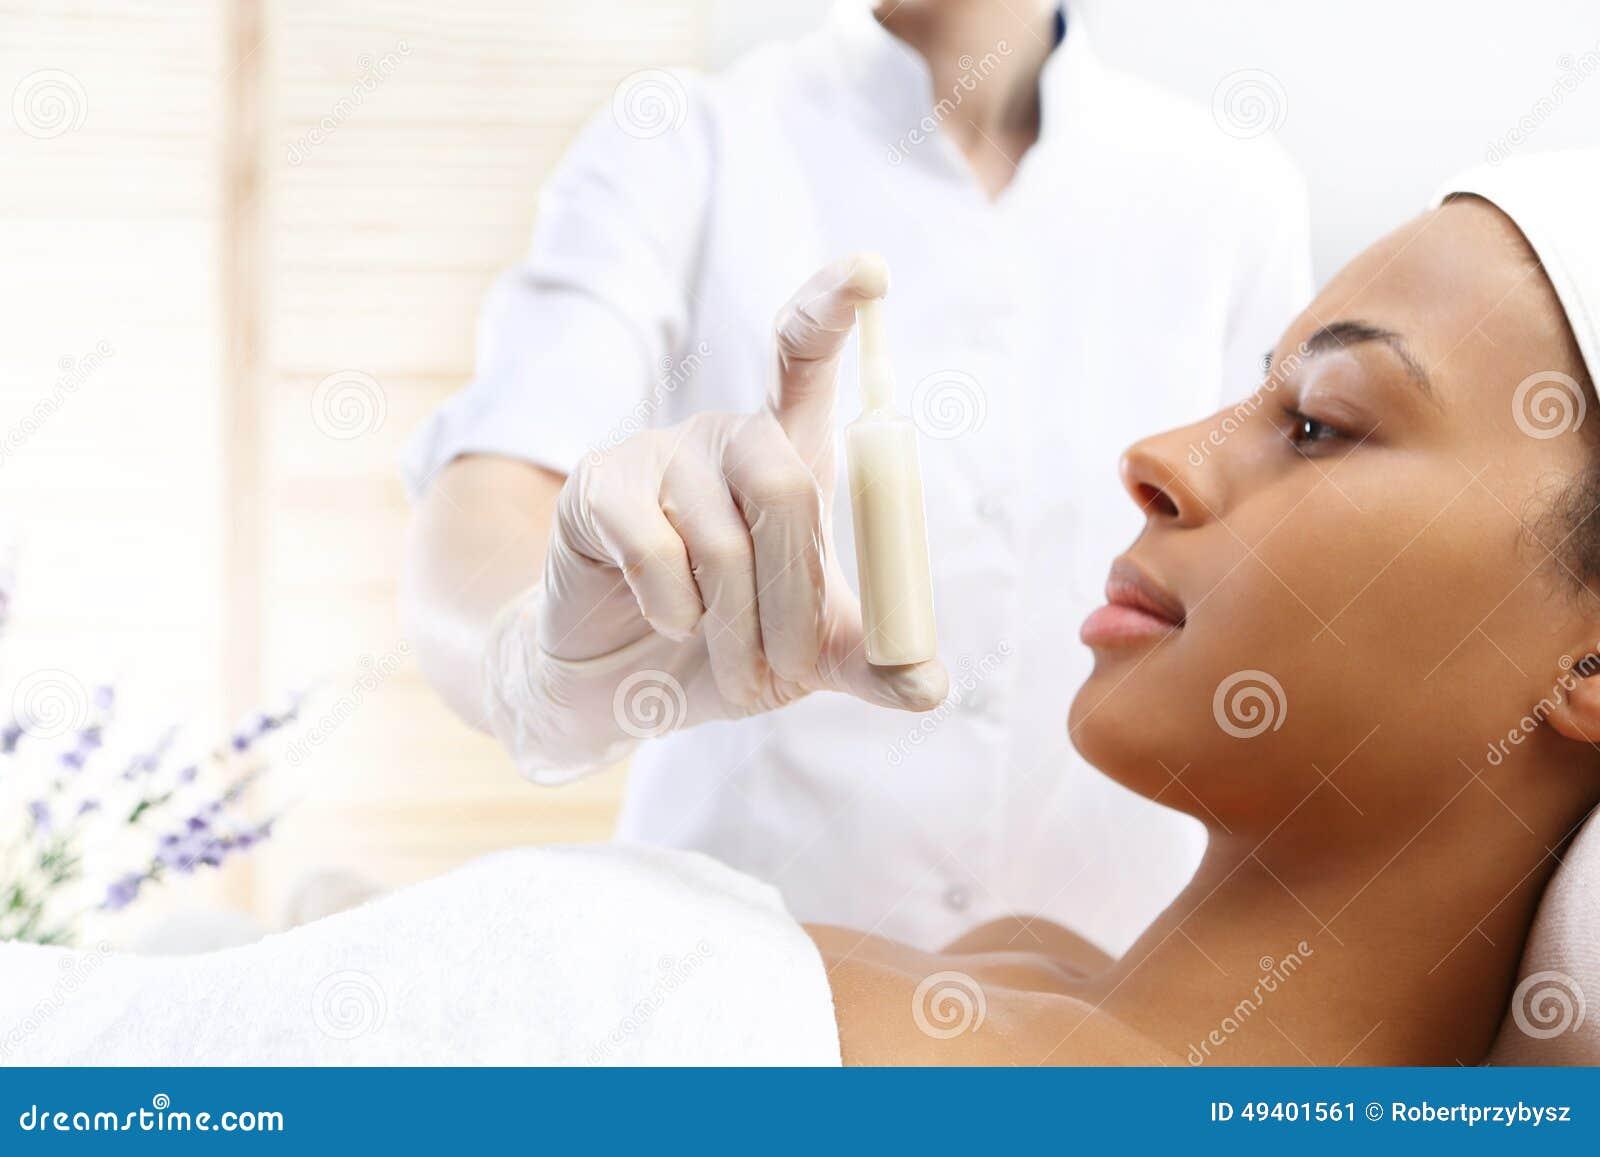 Los cosmetólogos de la mano muestran una ampolla con una preparación cosmética